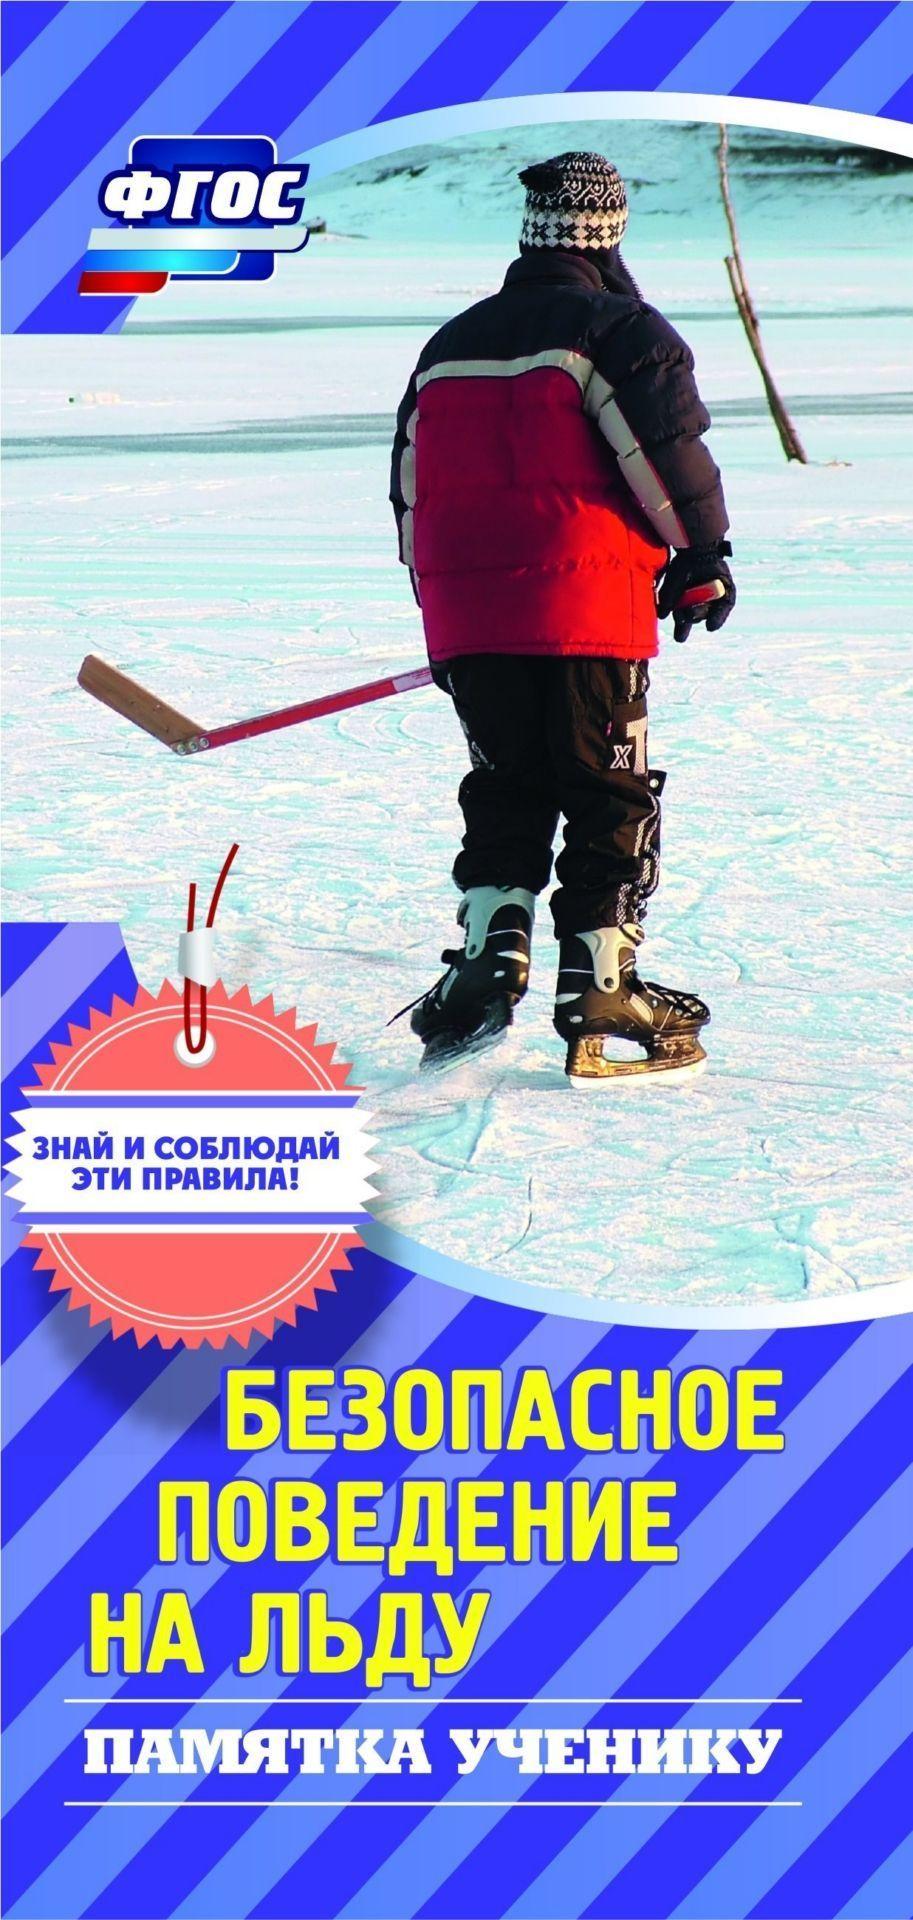 Памятка ученику по безопасному поведению на льду